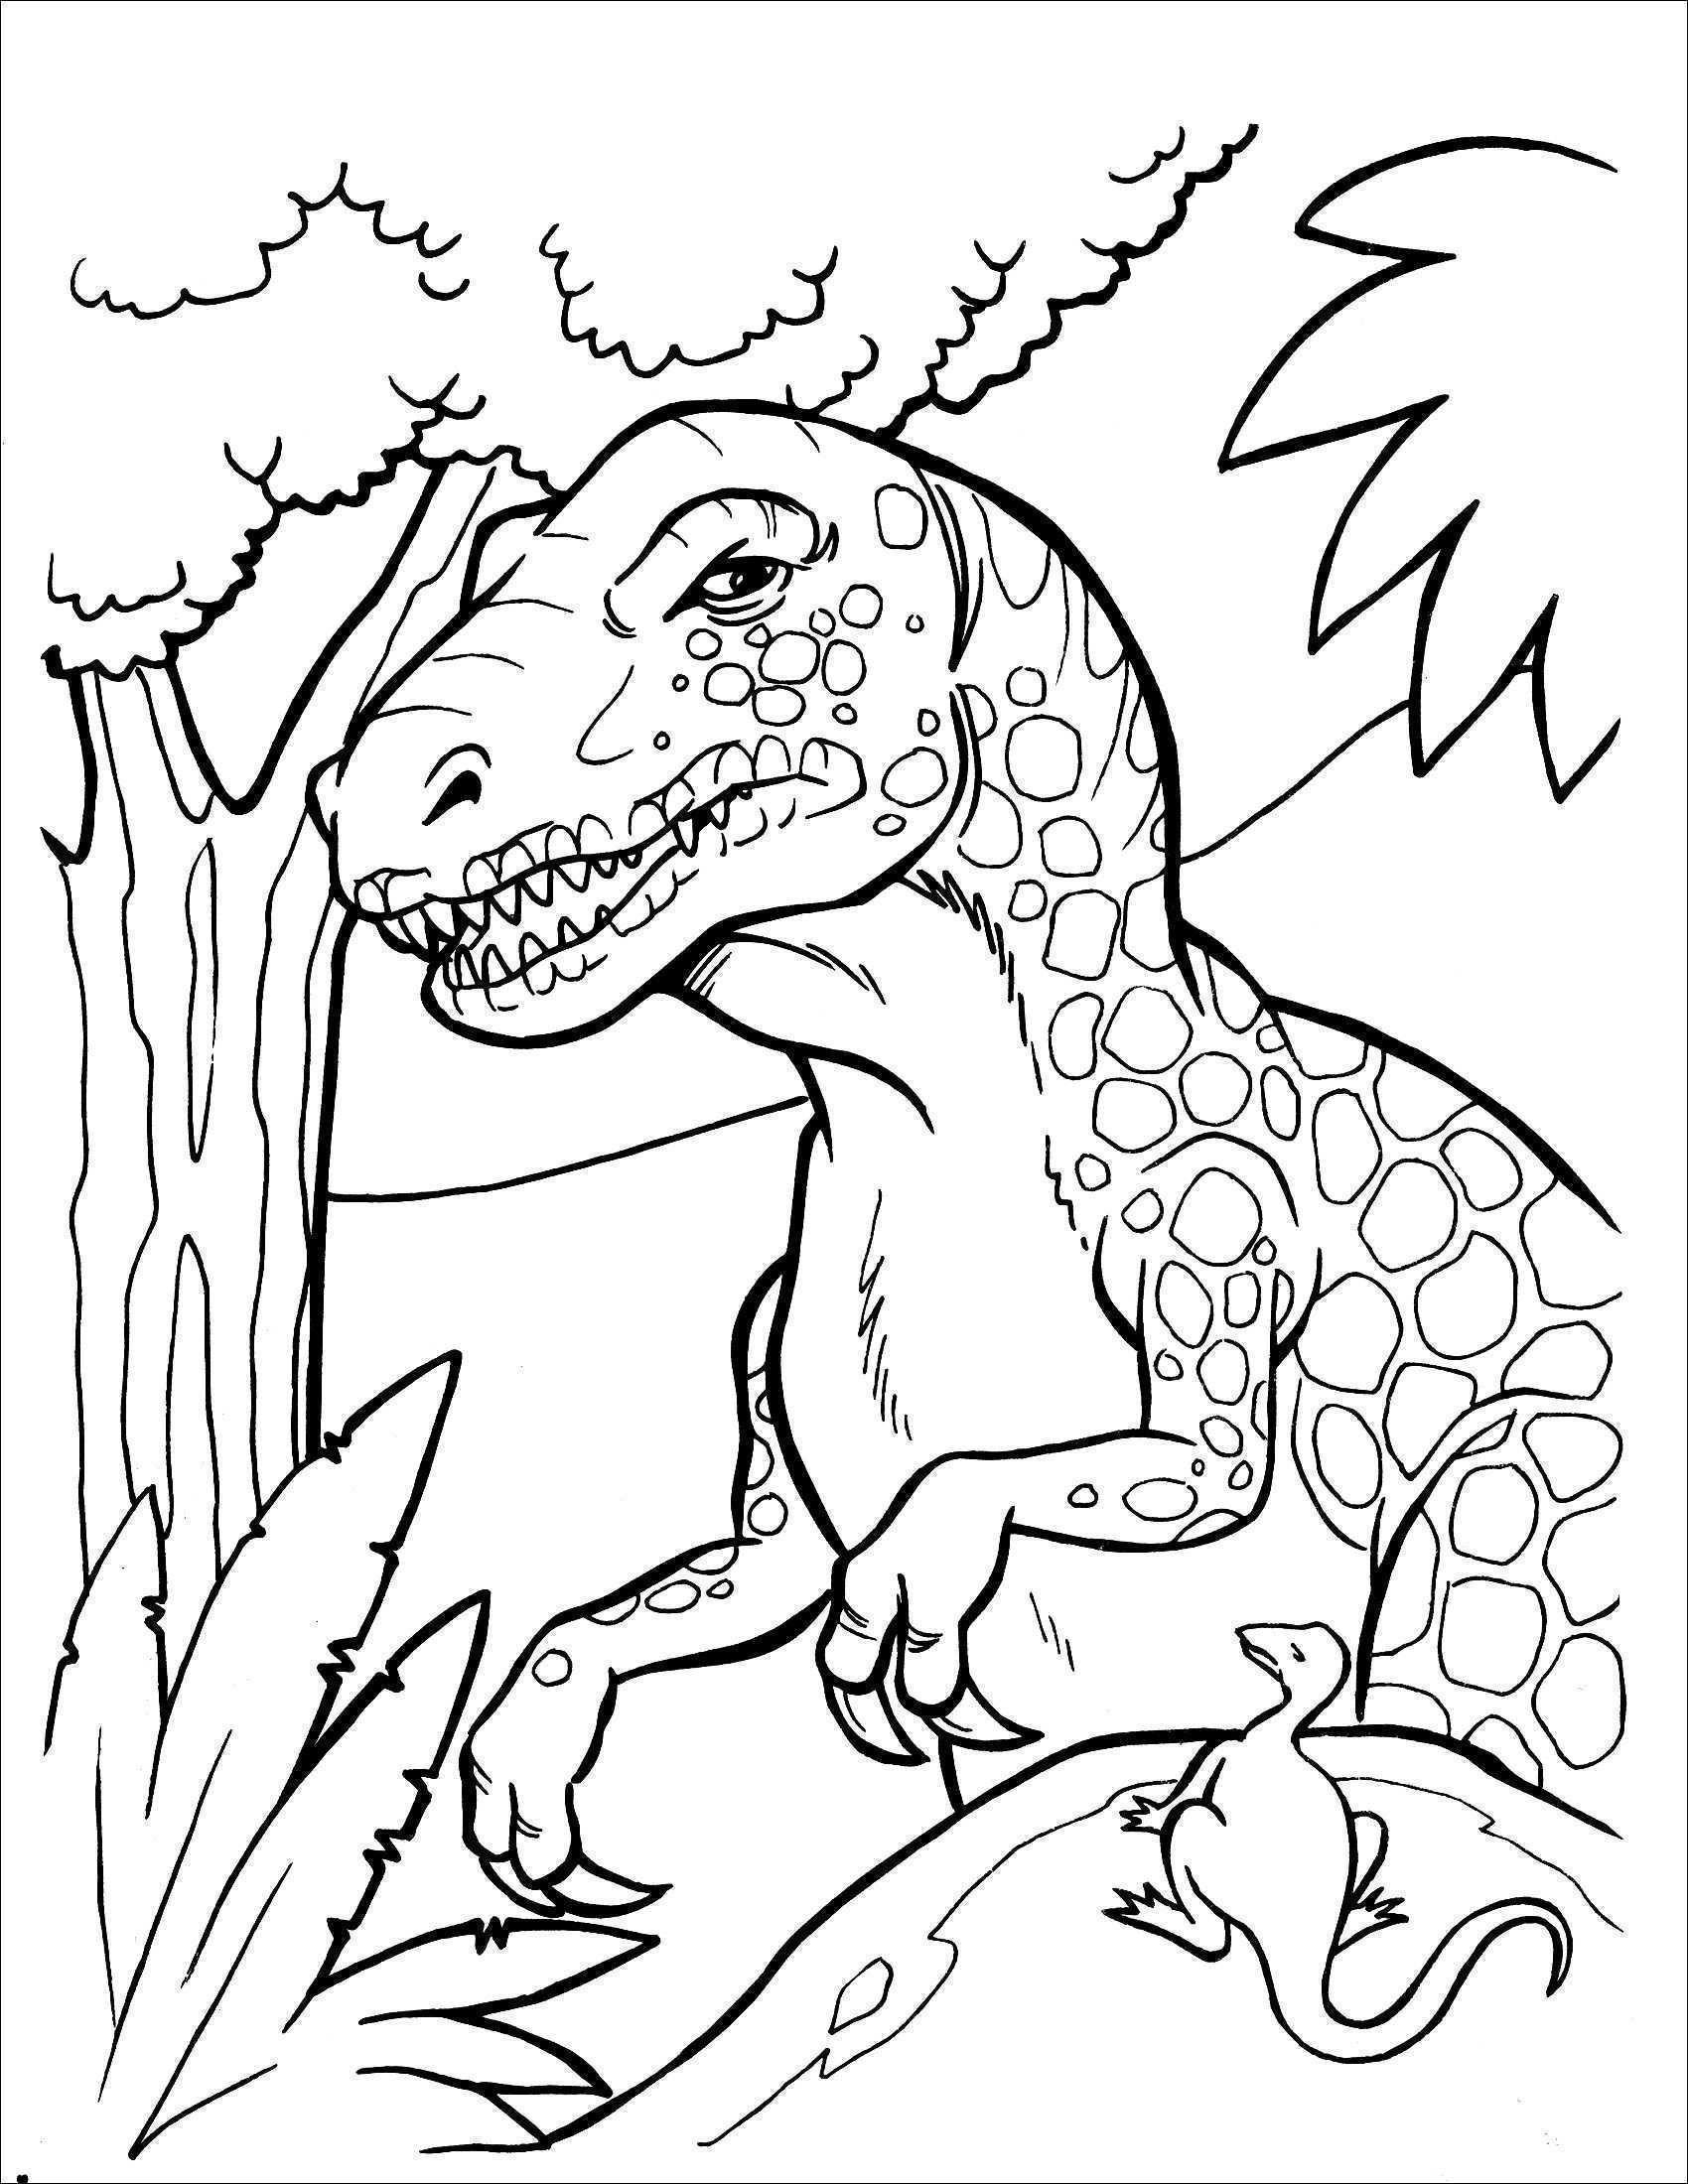 Ausmalbild T-rex Einzigartig Ausmalbilder T Rex Bildnis 40 Ausmalbilder Dinosaurier Rex Bilder